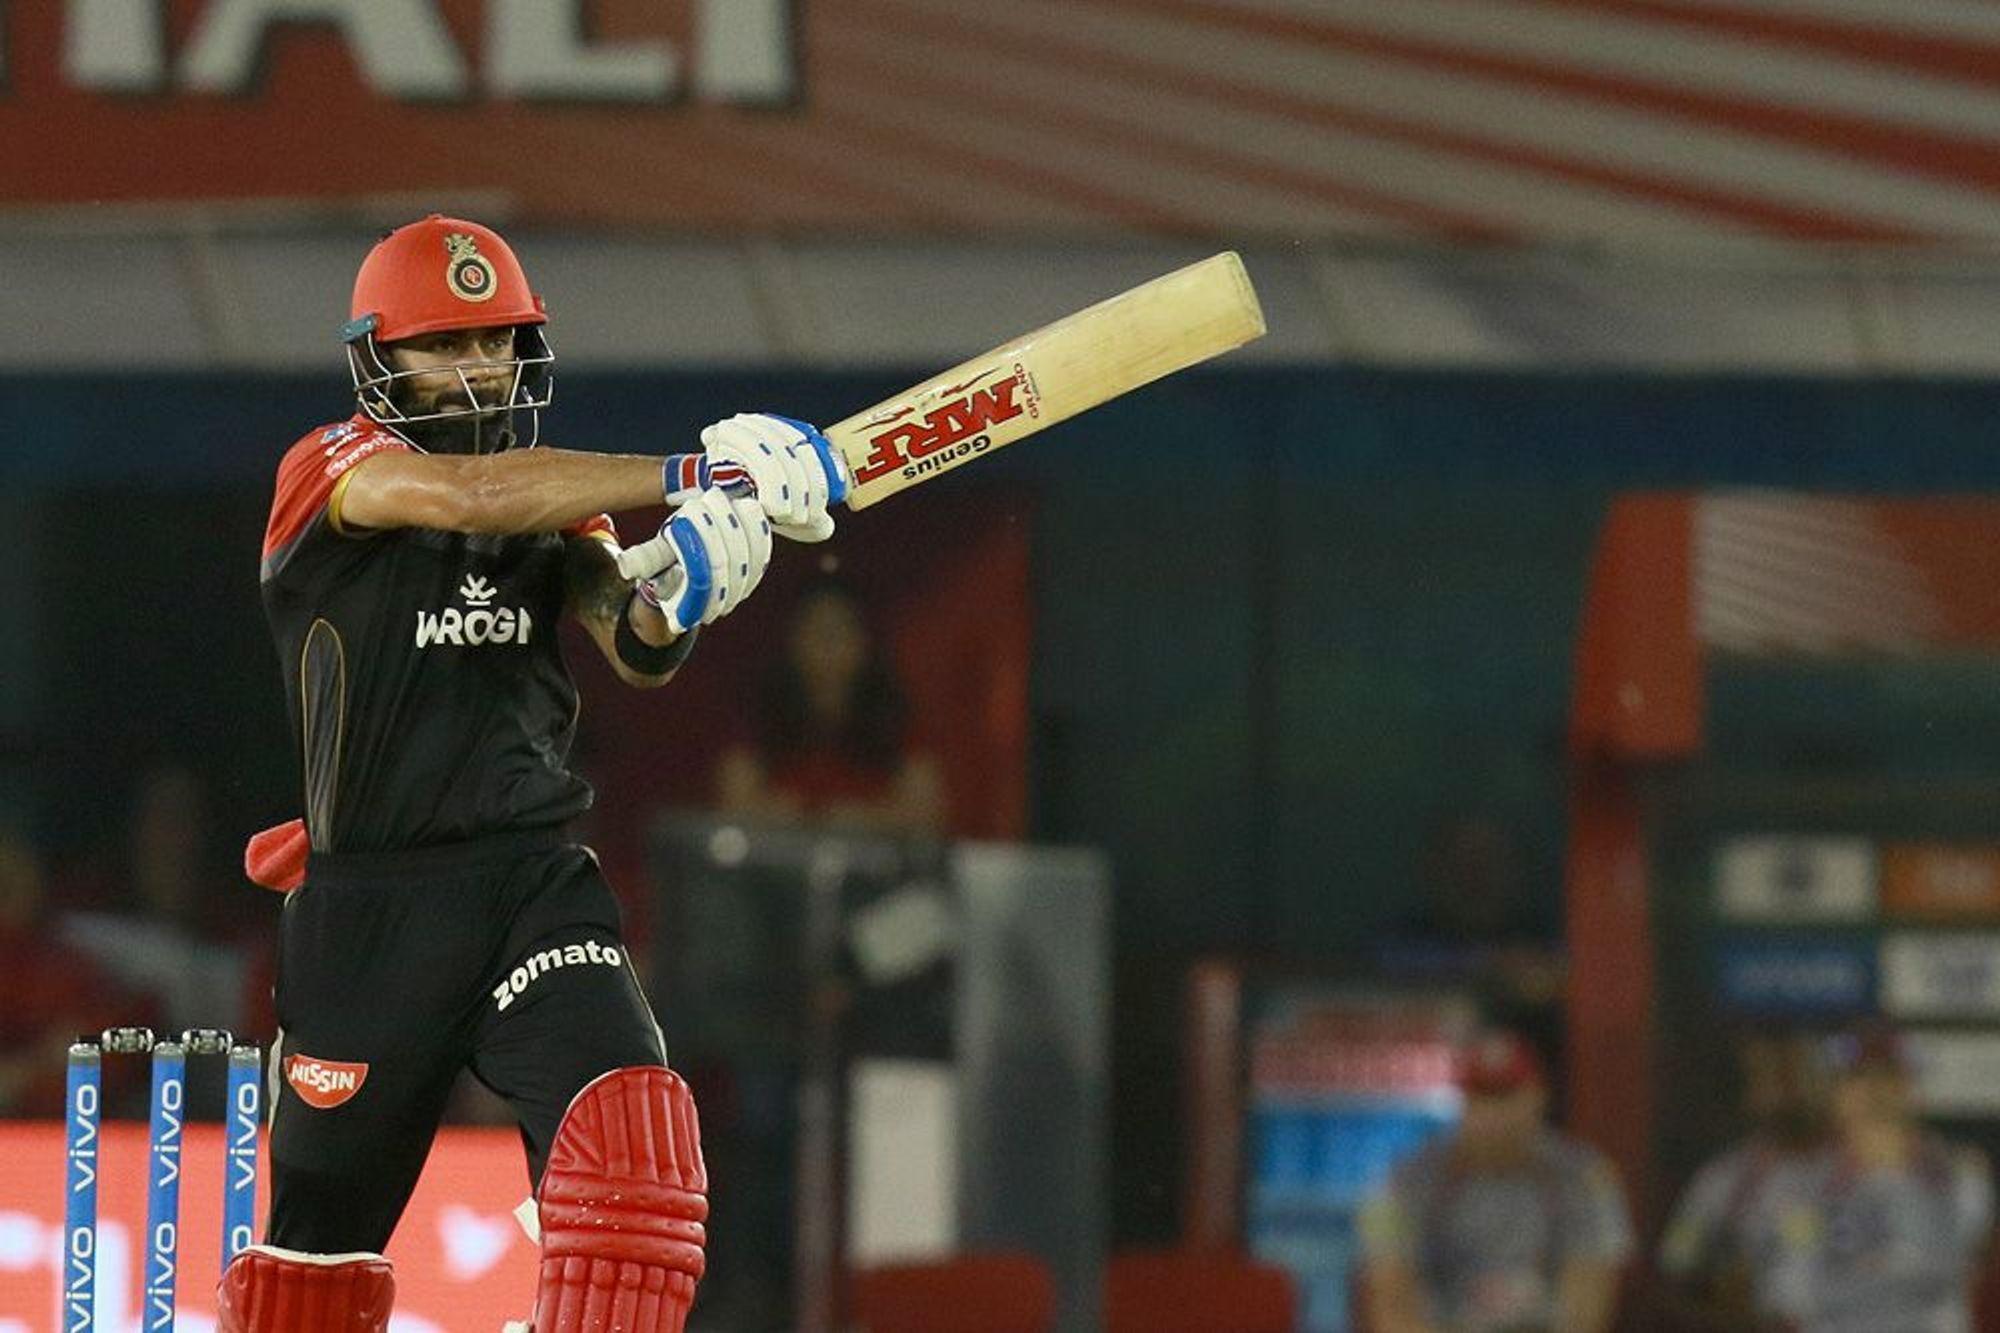 WATCH : पंजाब के खिलाफ कोहली को खेलने के मिले दो मौके, लेकिन फिर भी बना पाये मात्र 13 रन 3